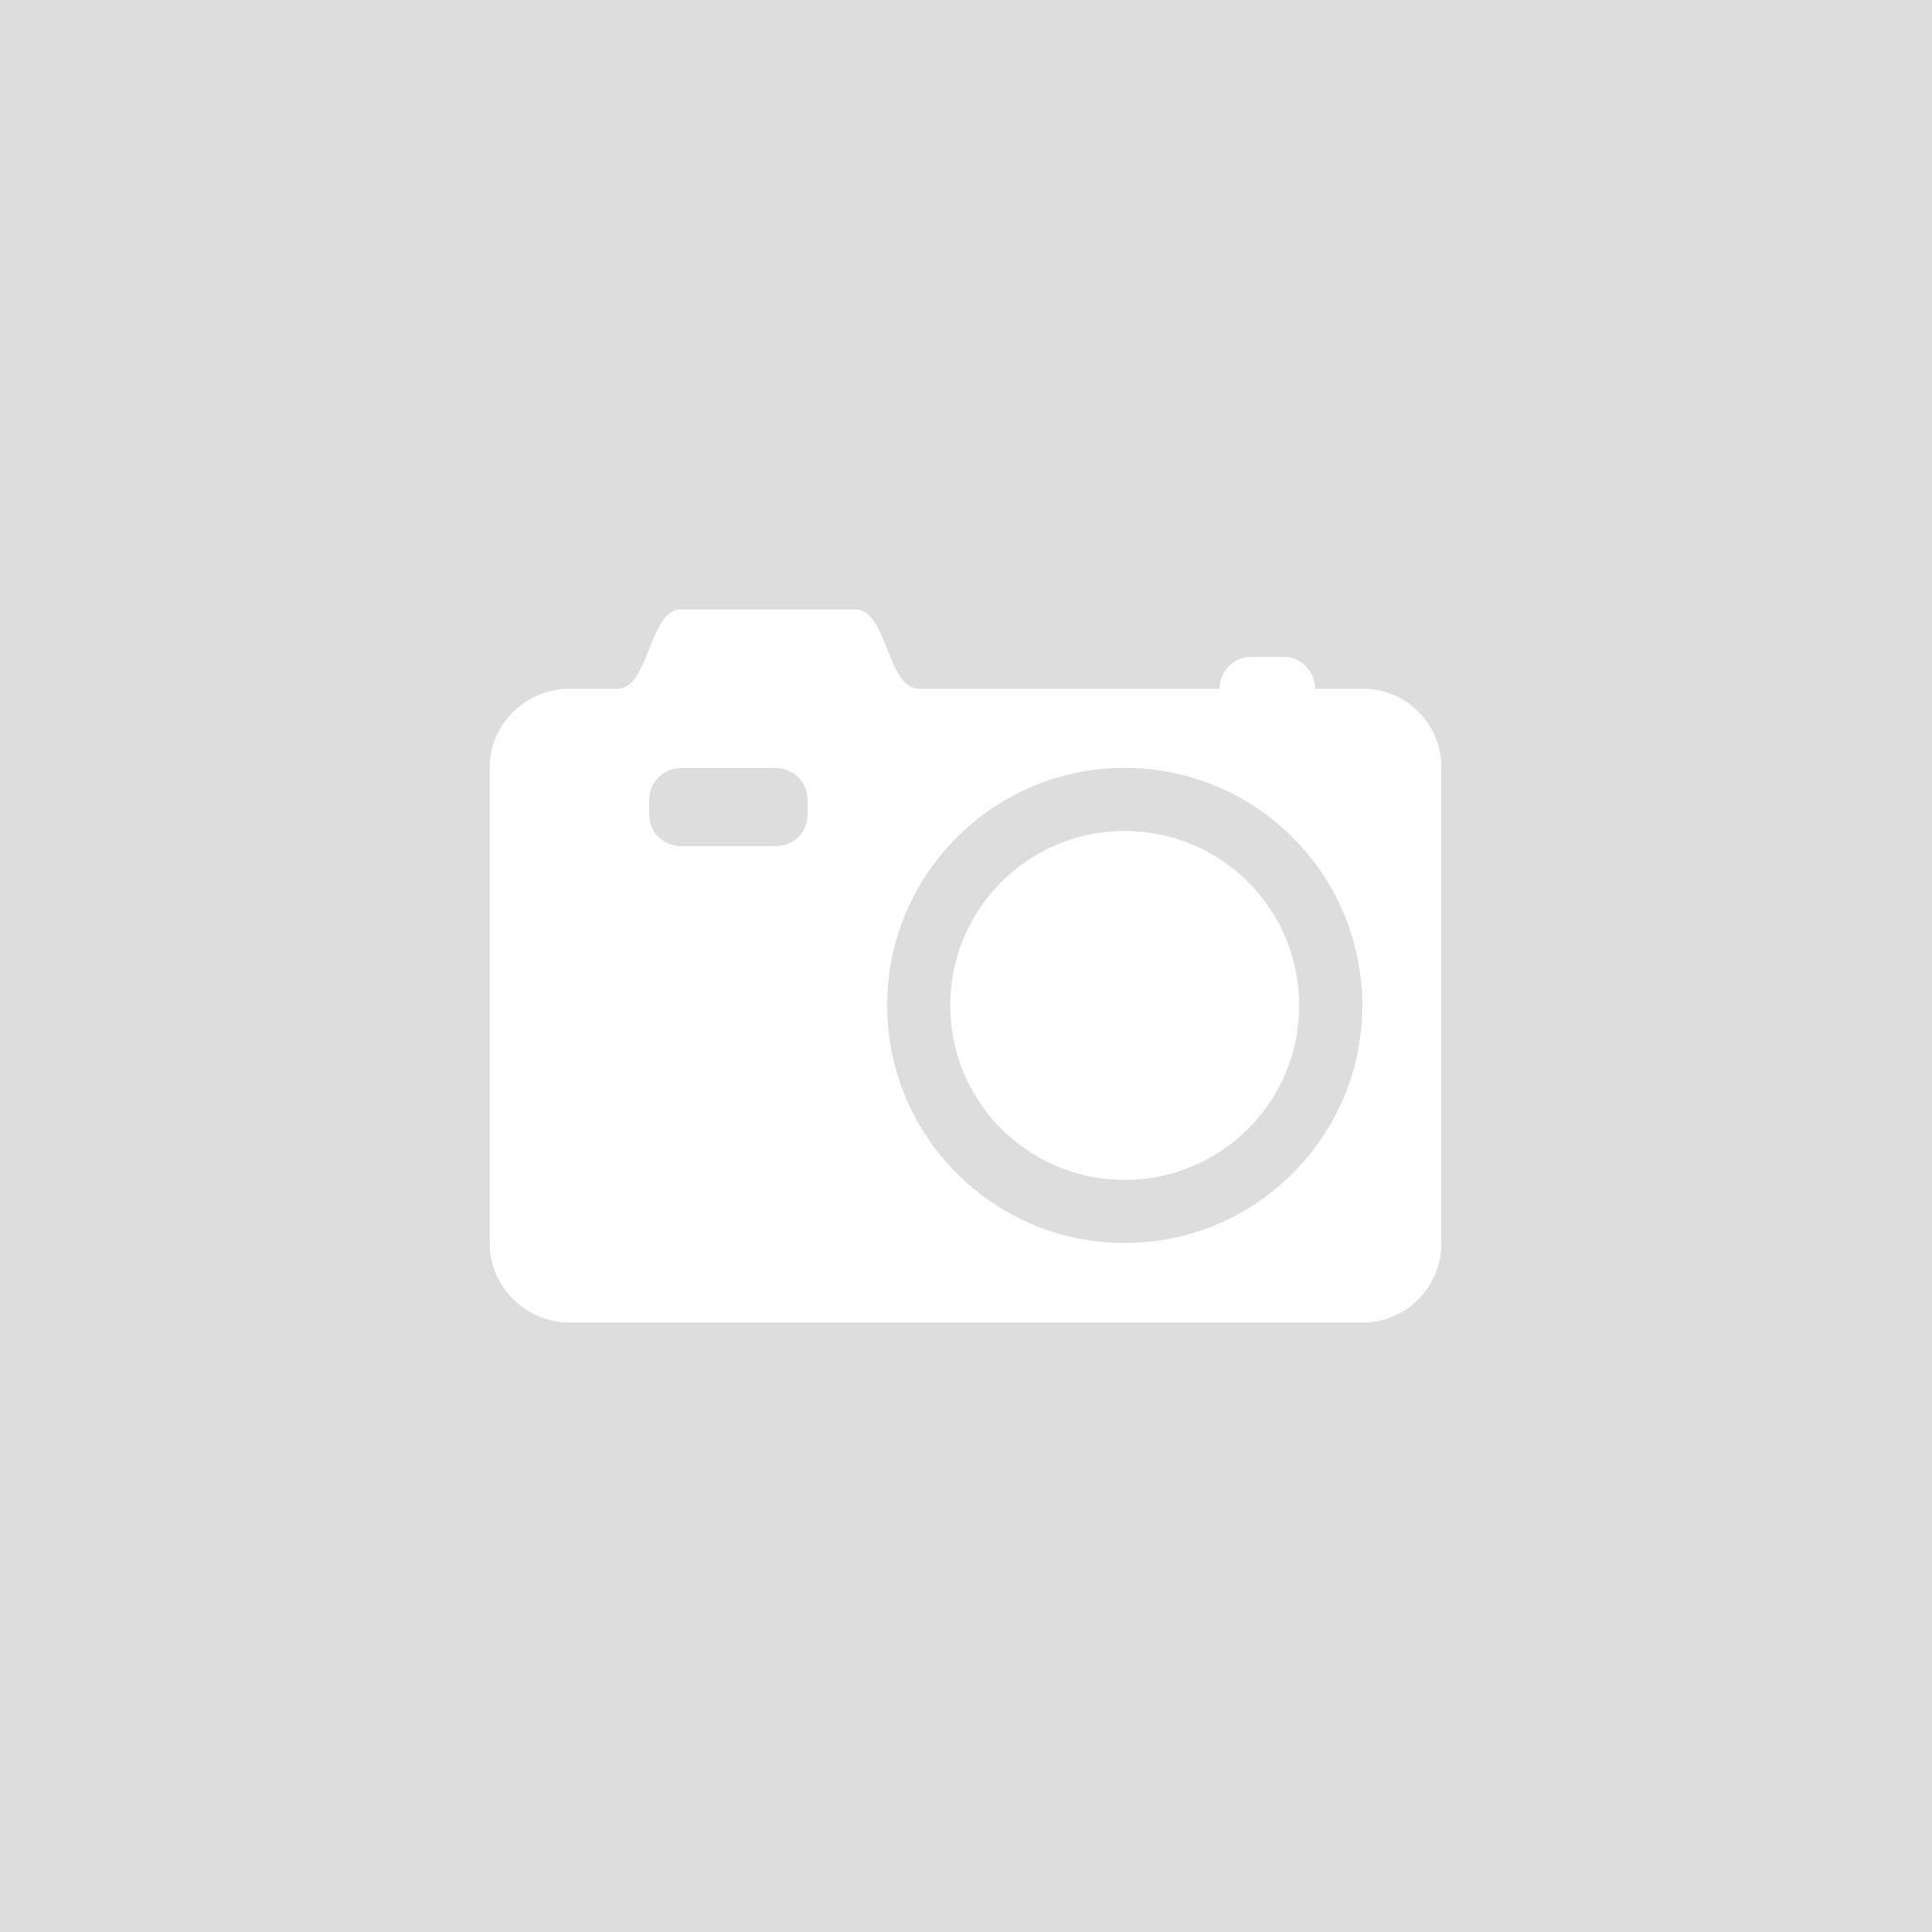 Knightsbridge Stripe Grey / Beige Glitter Wallpaper by Rasch 316803